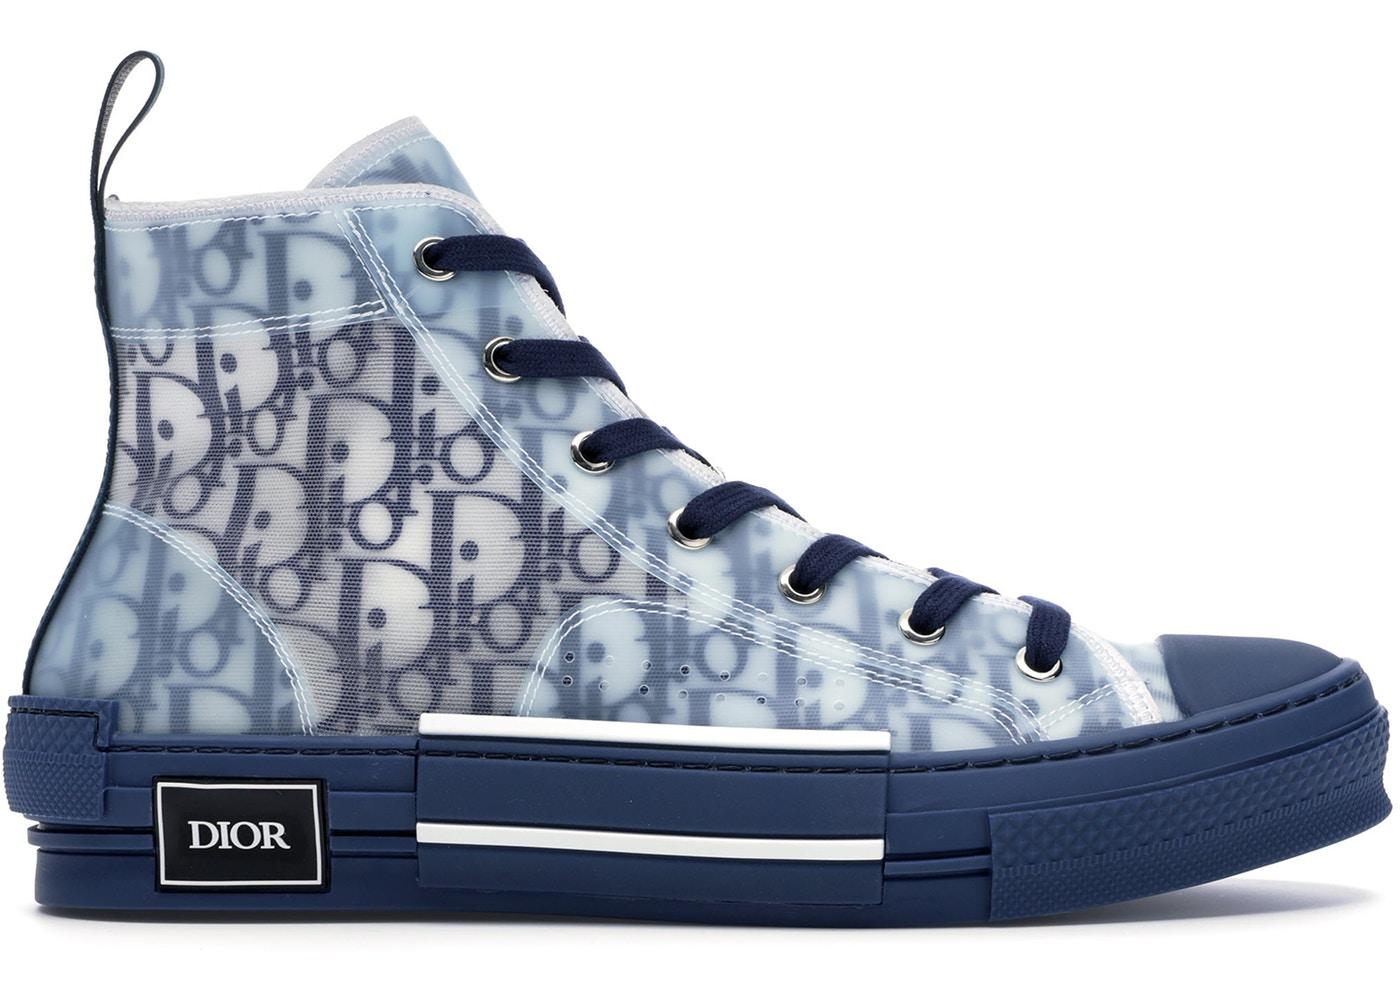 Giày Dior Oblique màu classic blue